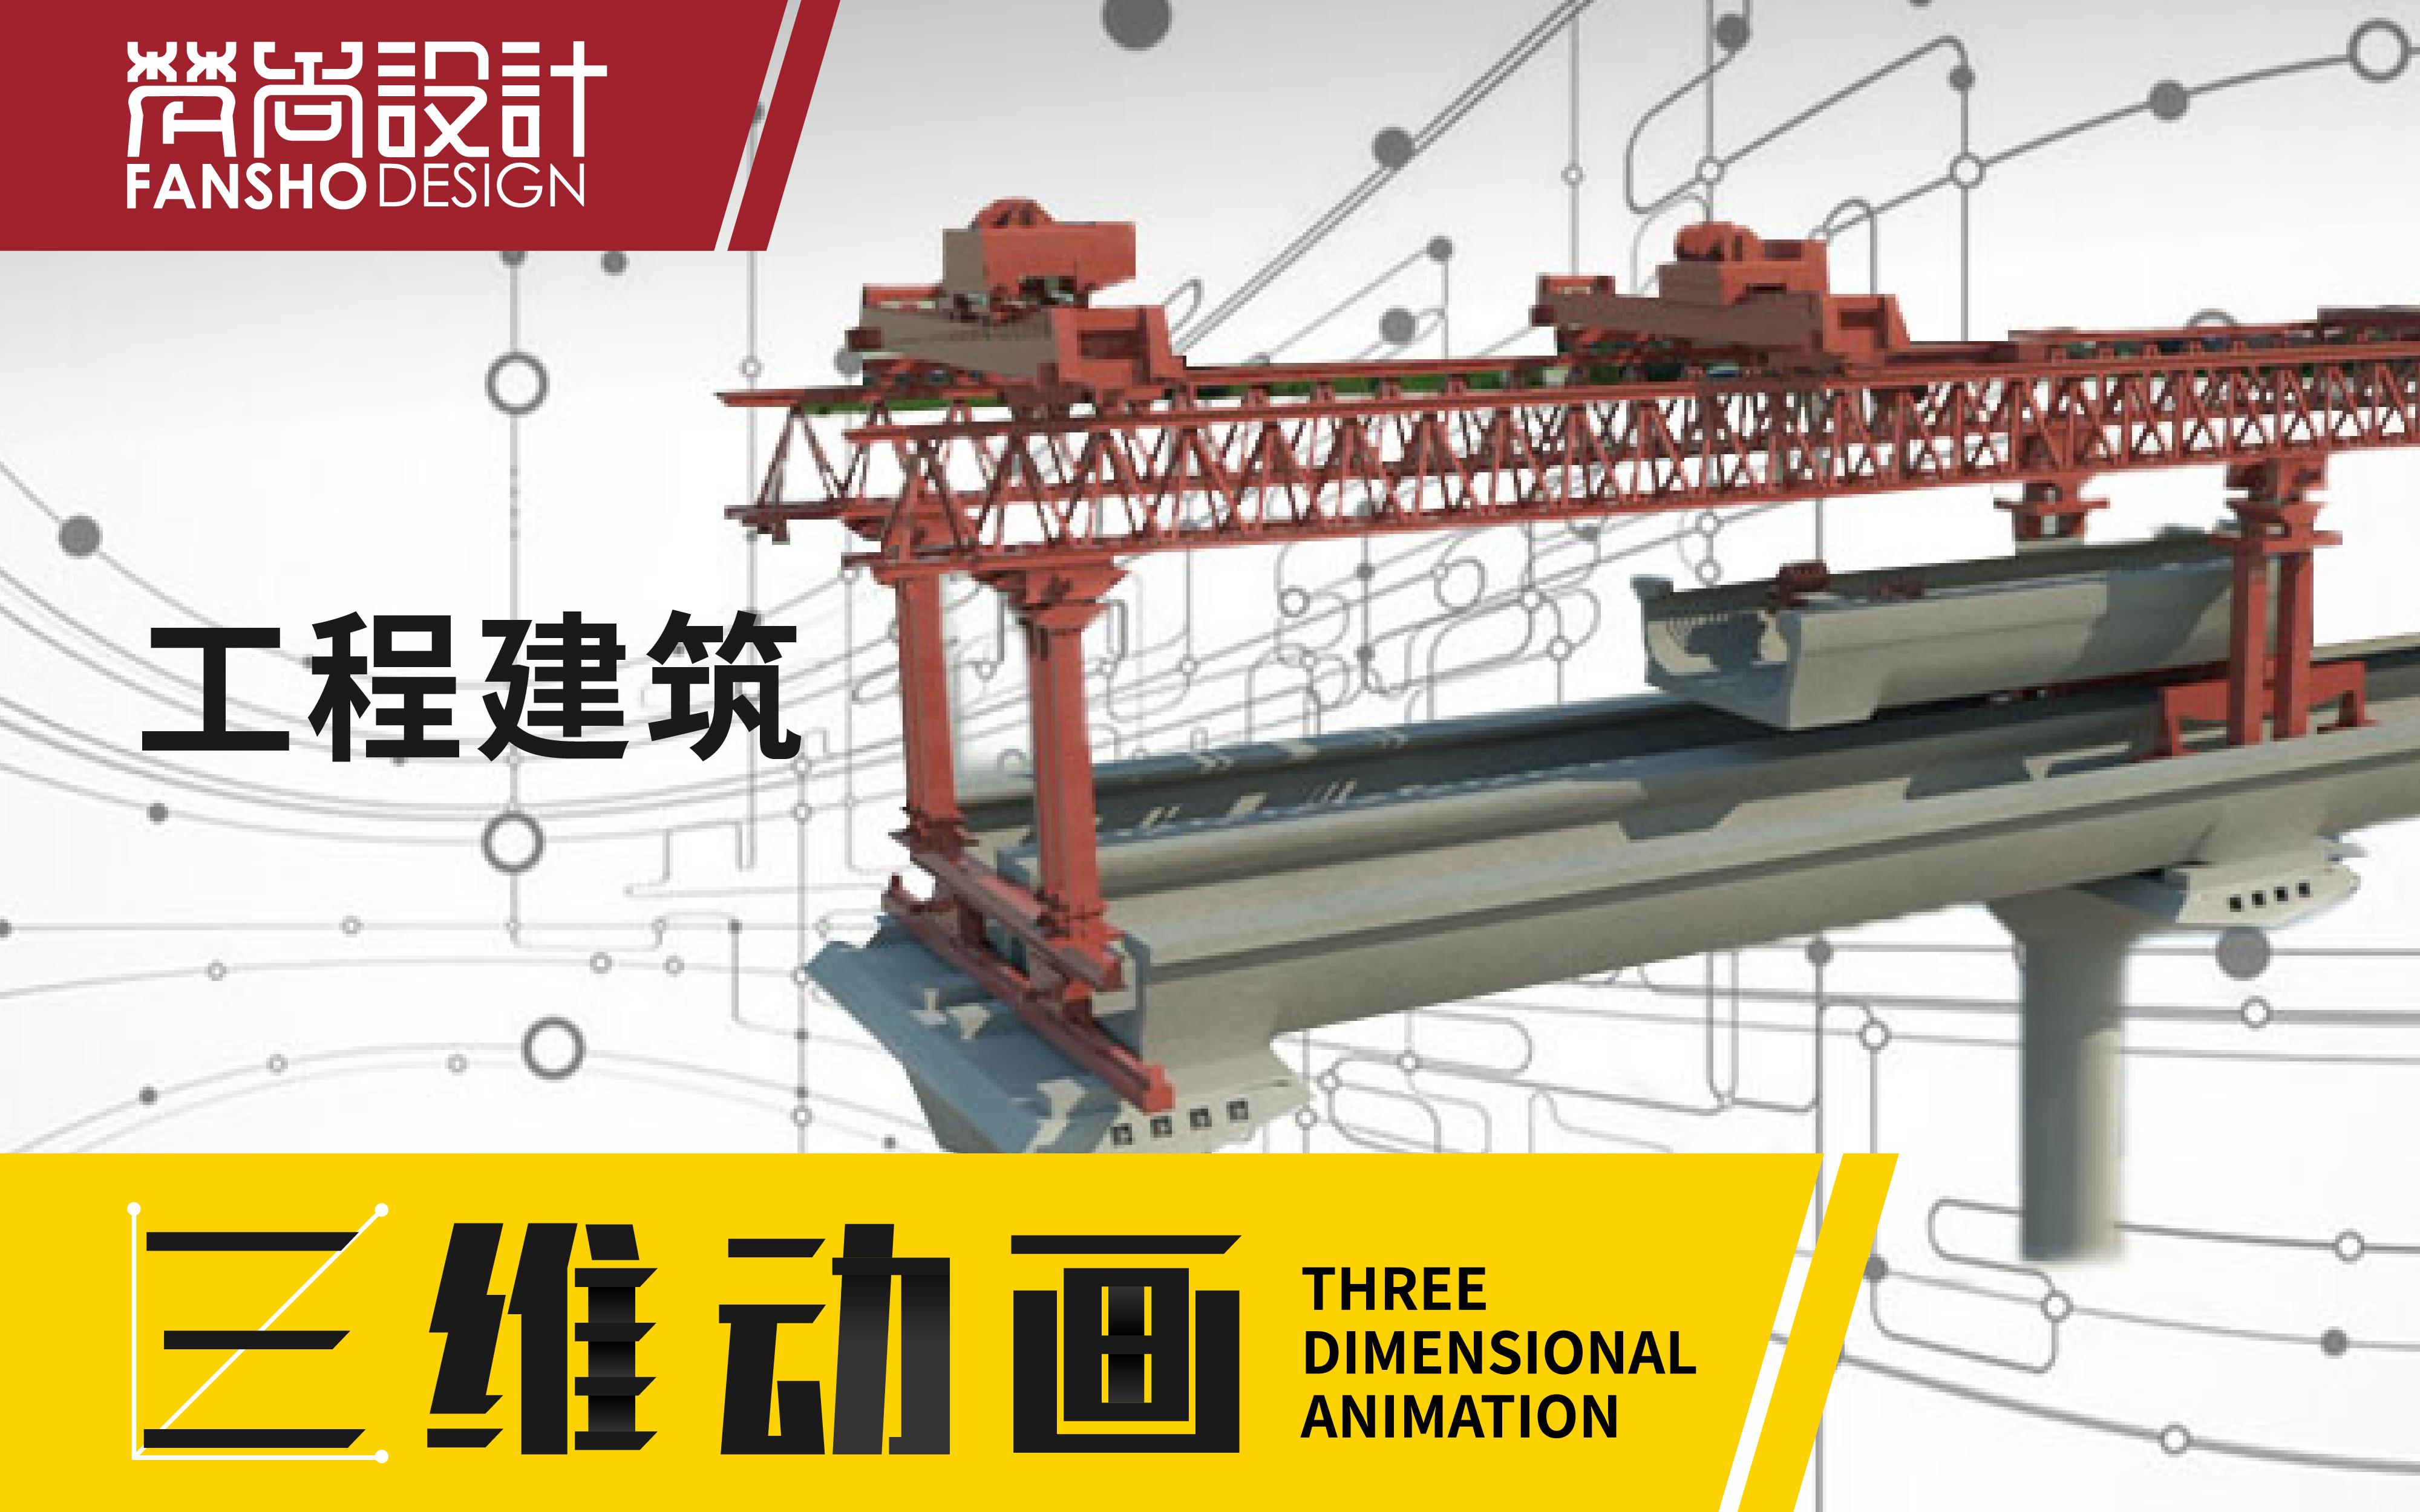 梵尚设计产品演示动画 3d模型工程建筑三维动画效果图渲染设计